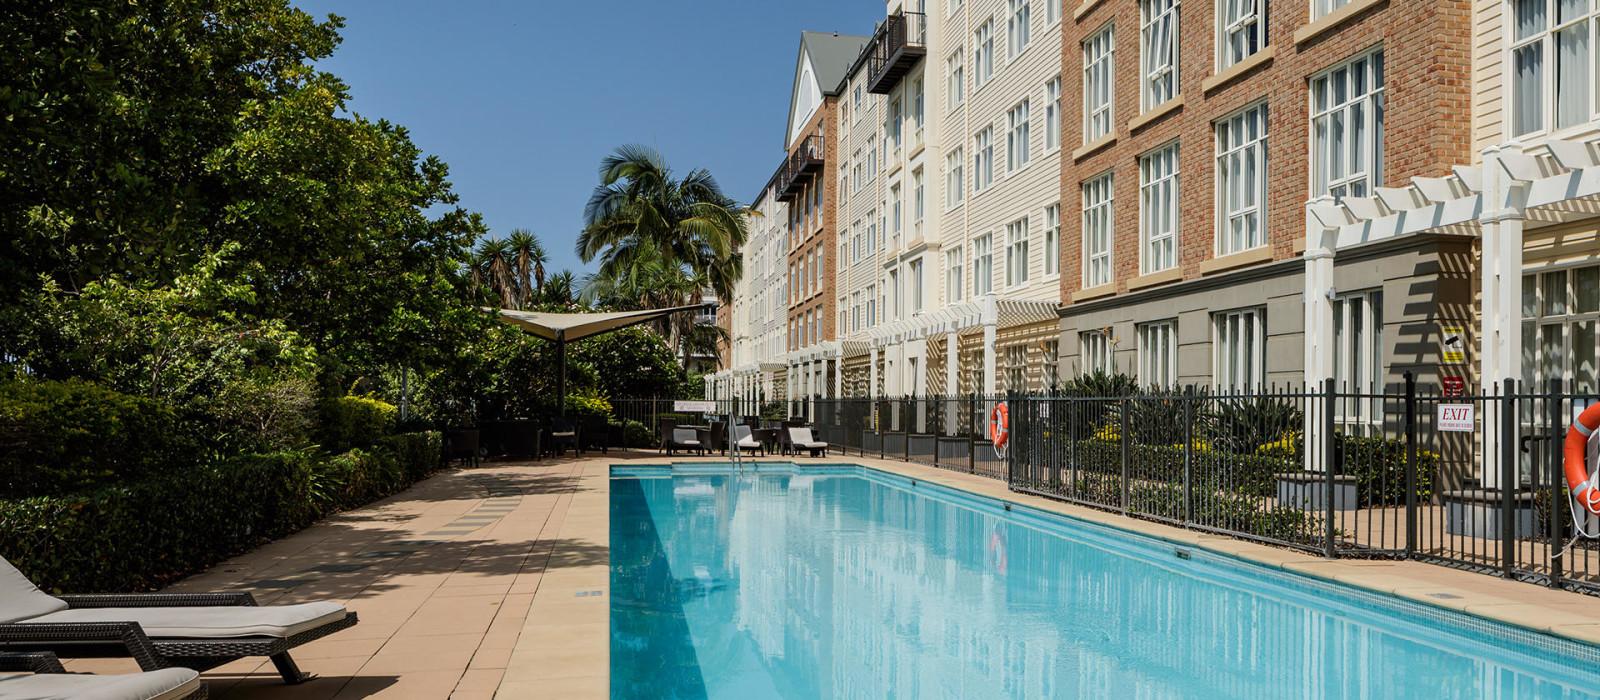 Hotel Rydges Newcastle Australien